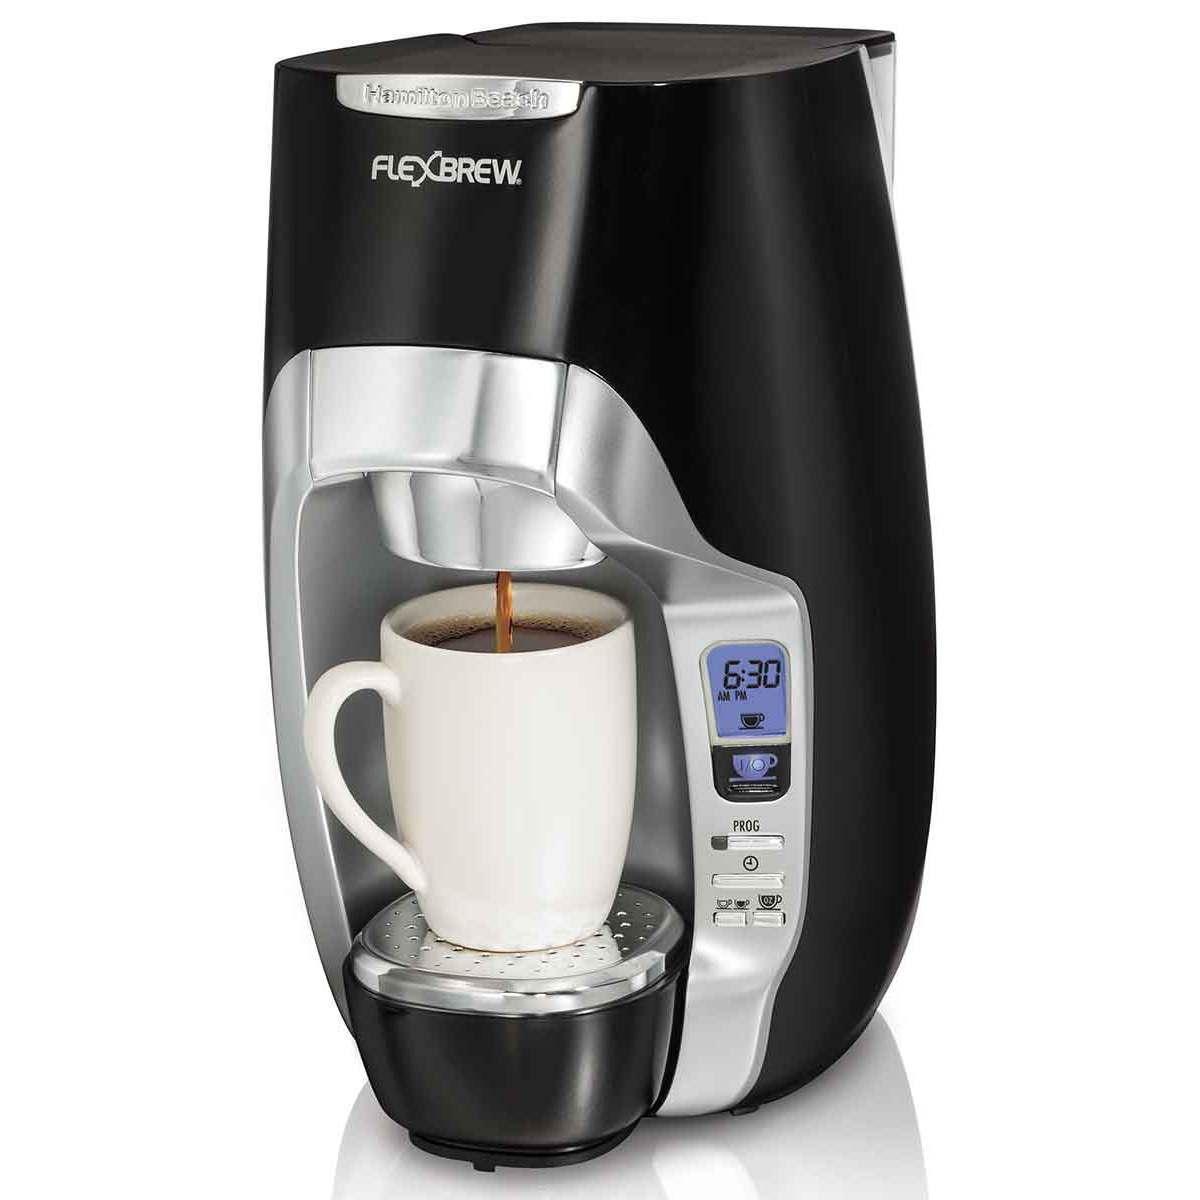 FlexBrew® Programmable Single-Serve Coffee Maker (49996)